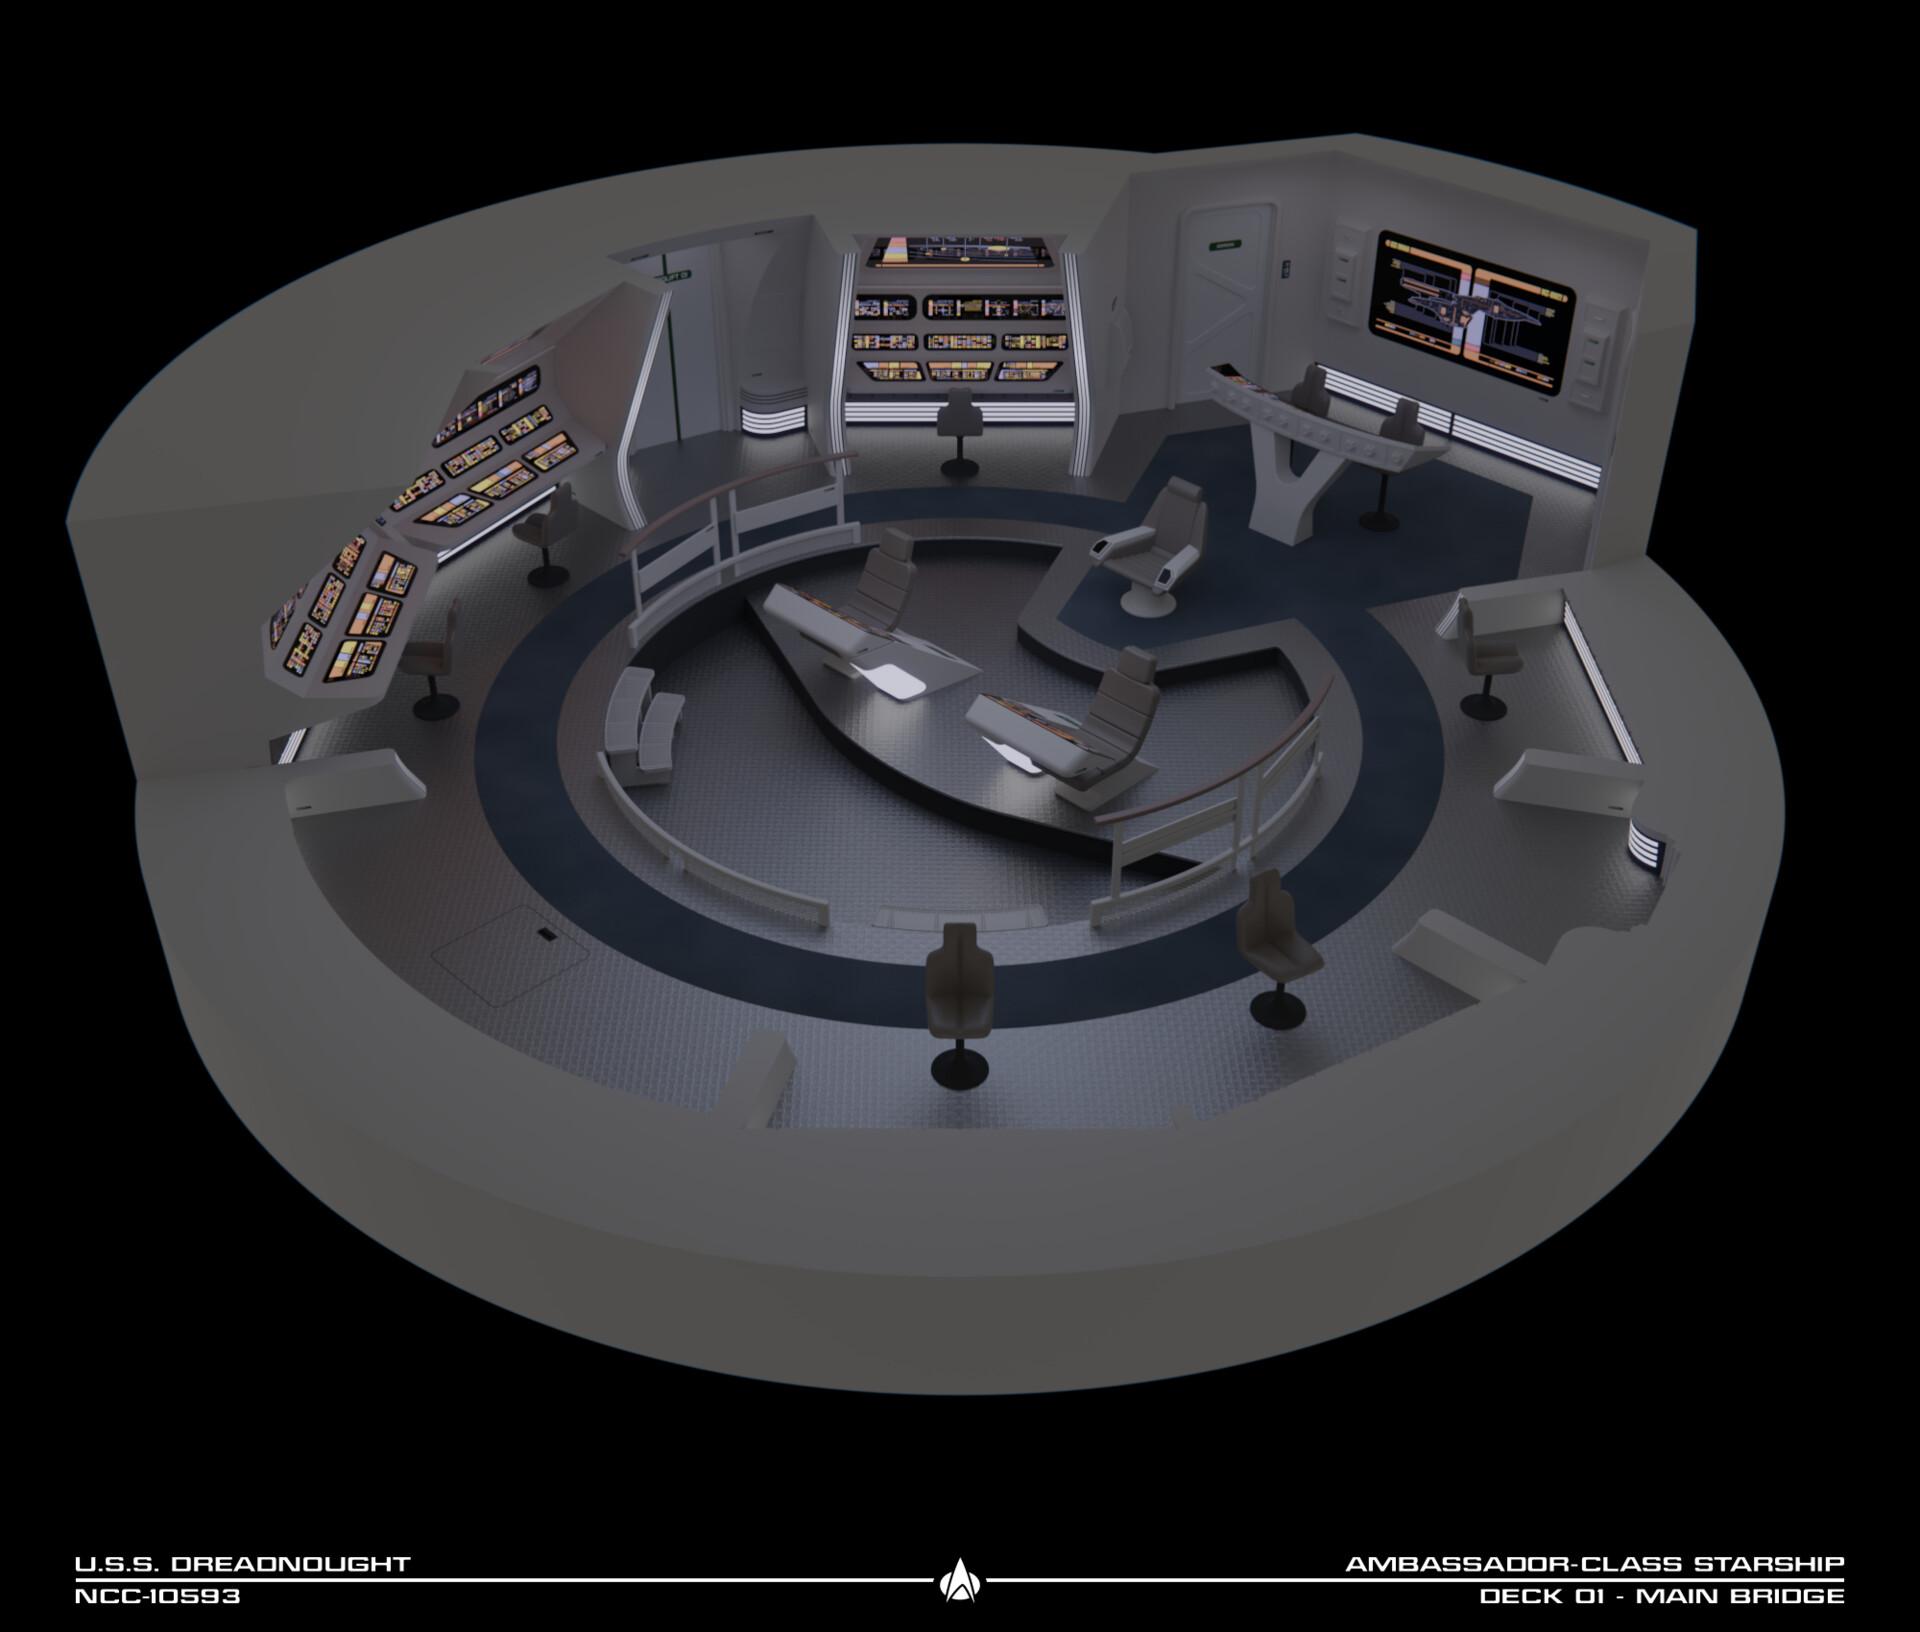 tadeo-d-oria-uss-dreadnought-bridge-cutaway.jpg?1582234158